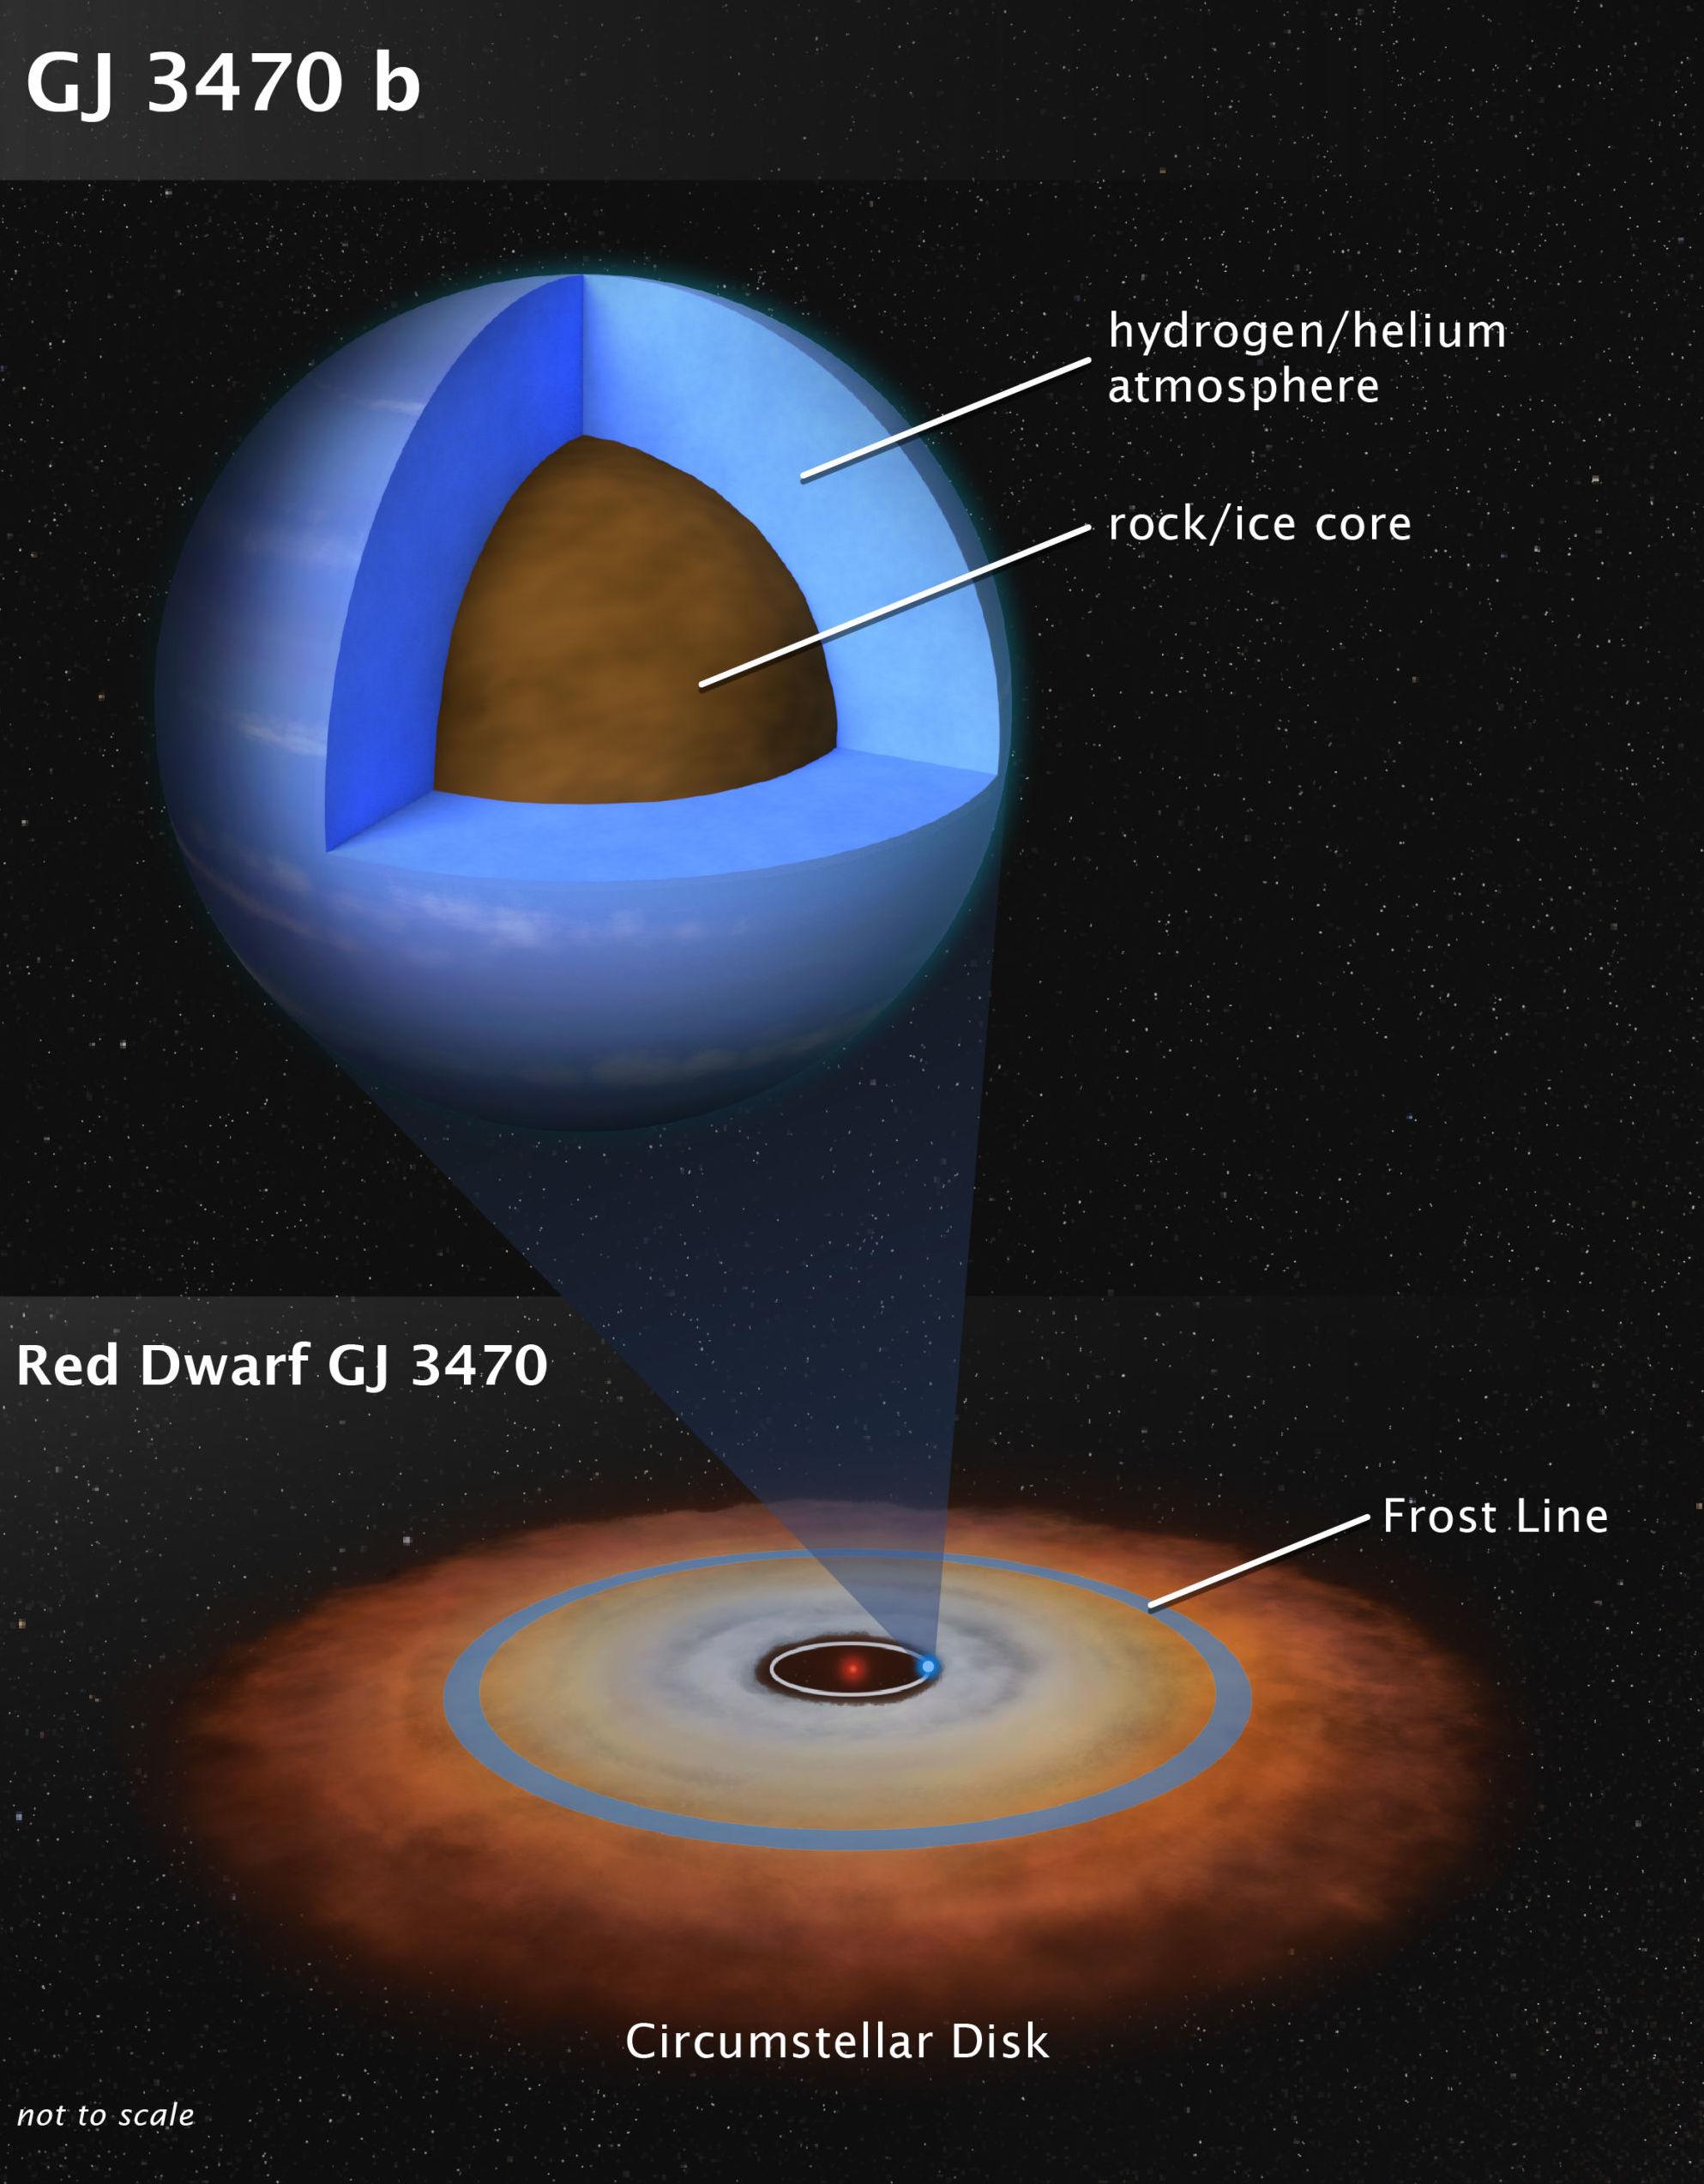 Elementos descobertos na atmosfera do exoplaneta GJ 3470 b